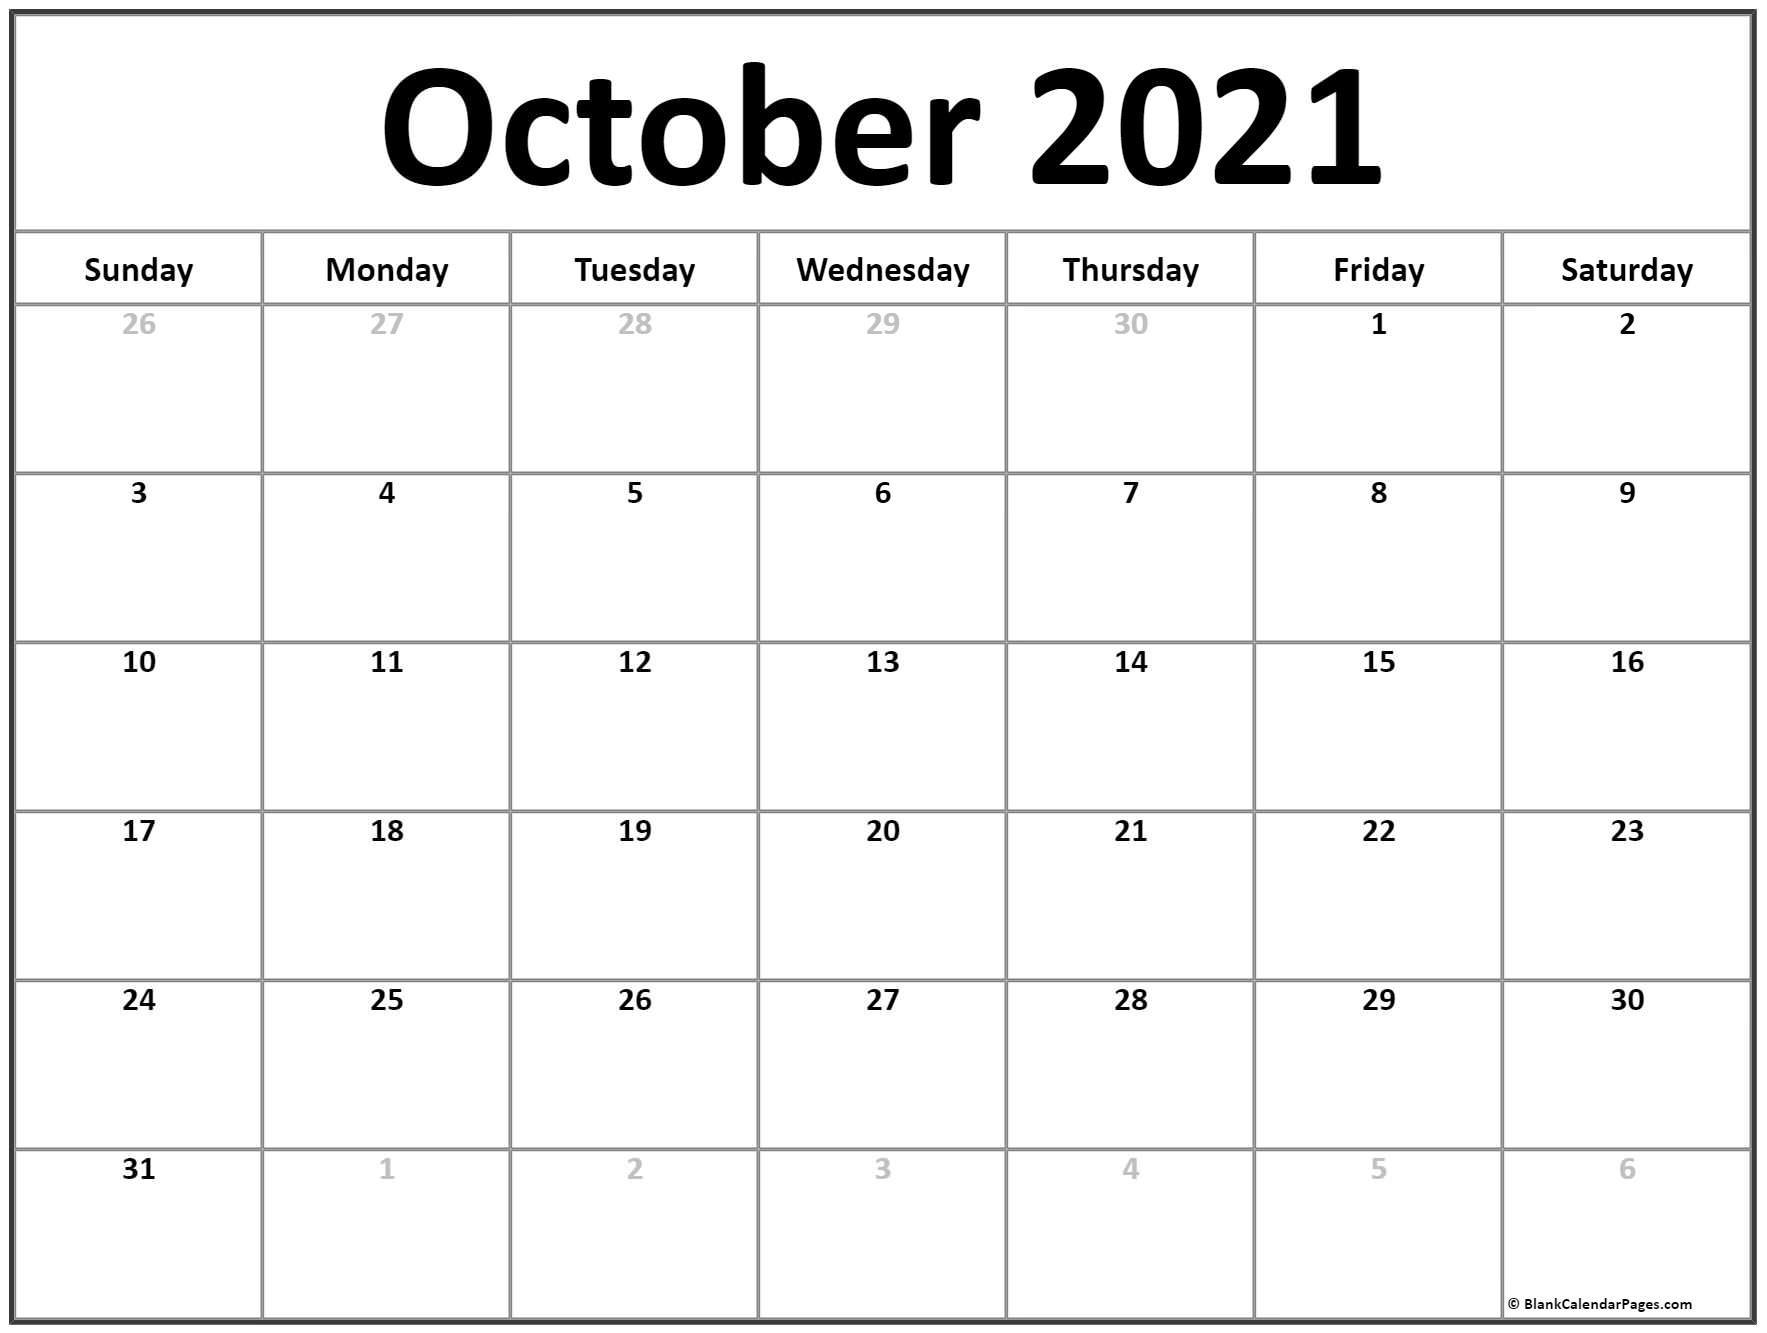 October 2021 Calendar   Free Printable Calendar Templates-Printable Bill Calendar 2021